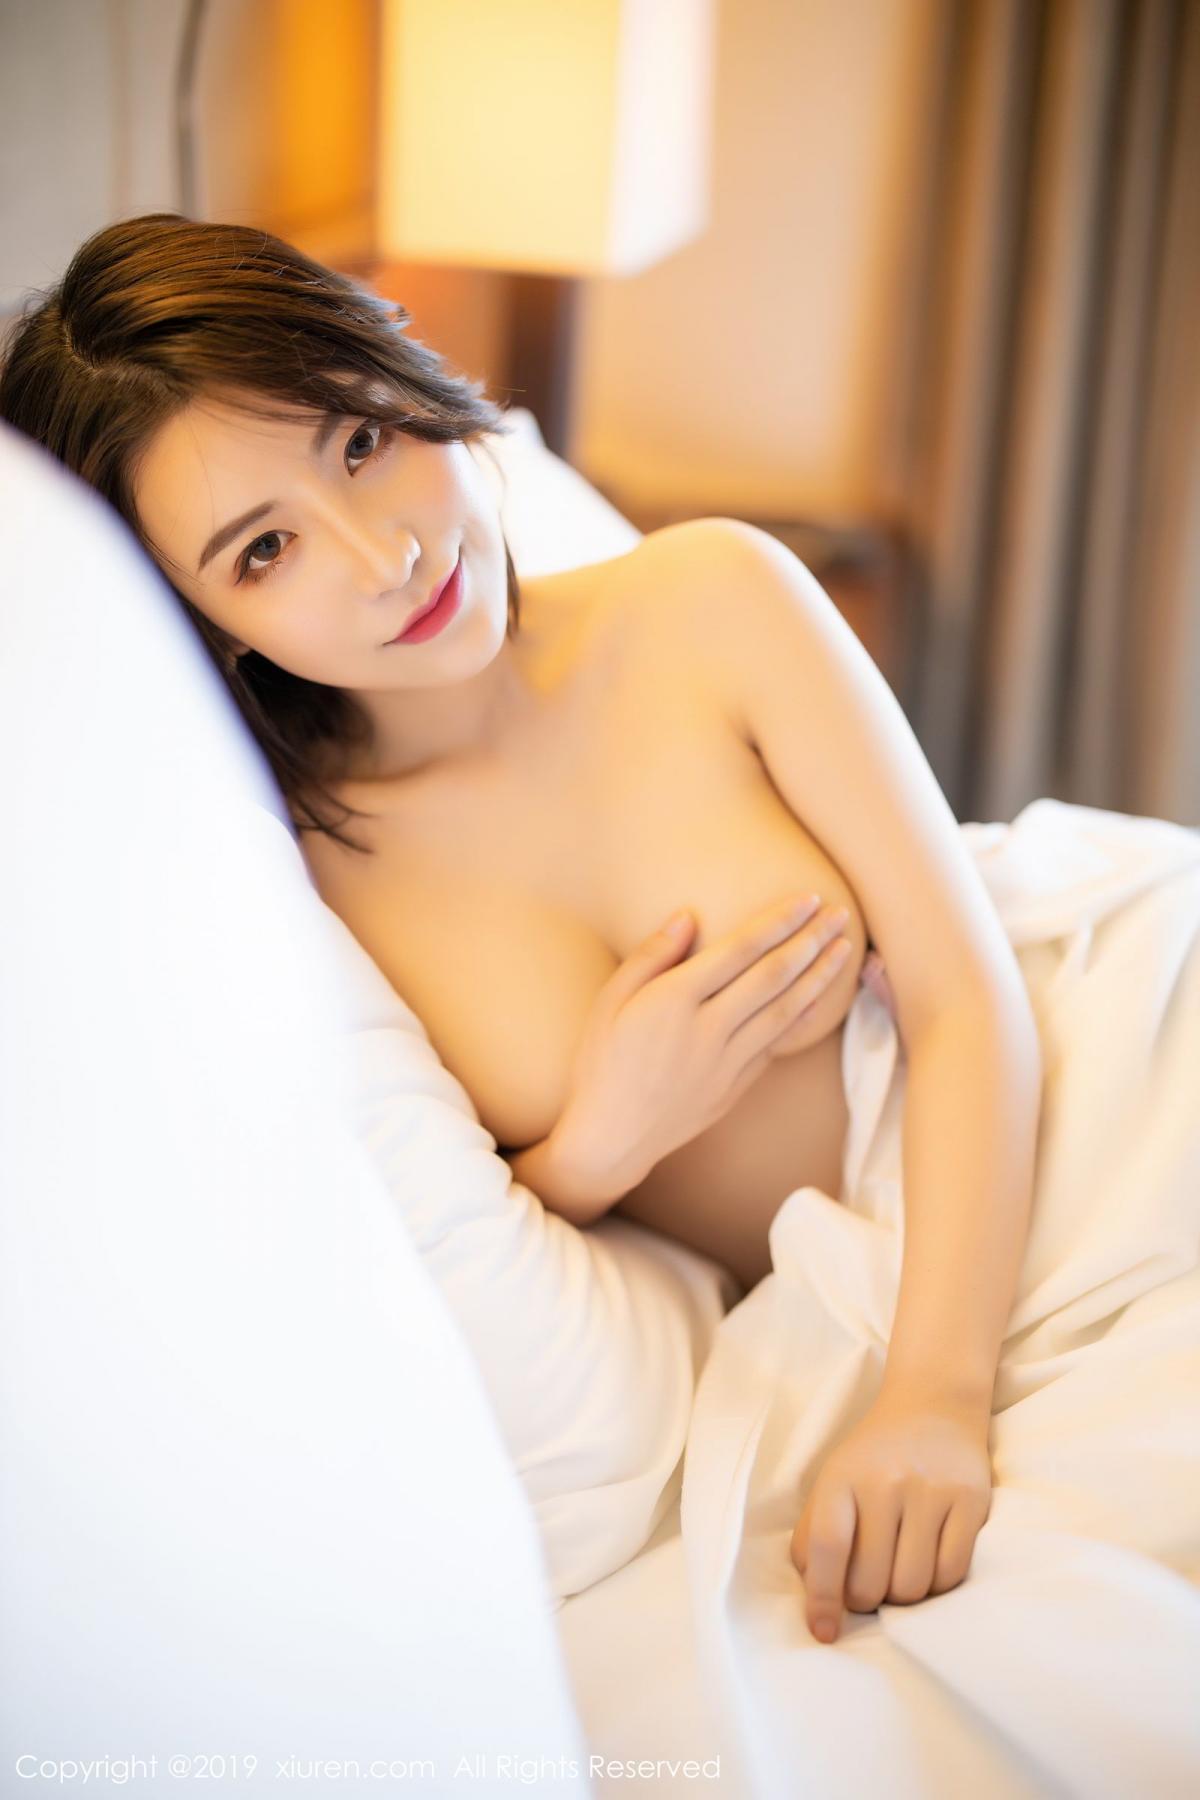 [XiaoYu] Vol.1697 Xie Zhi Xin 90P, Home, Sexy, XiaoYu, Xie Zhi Xin